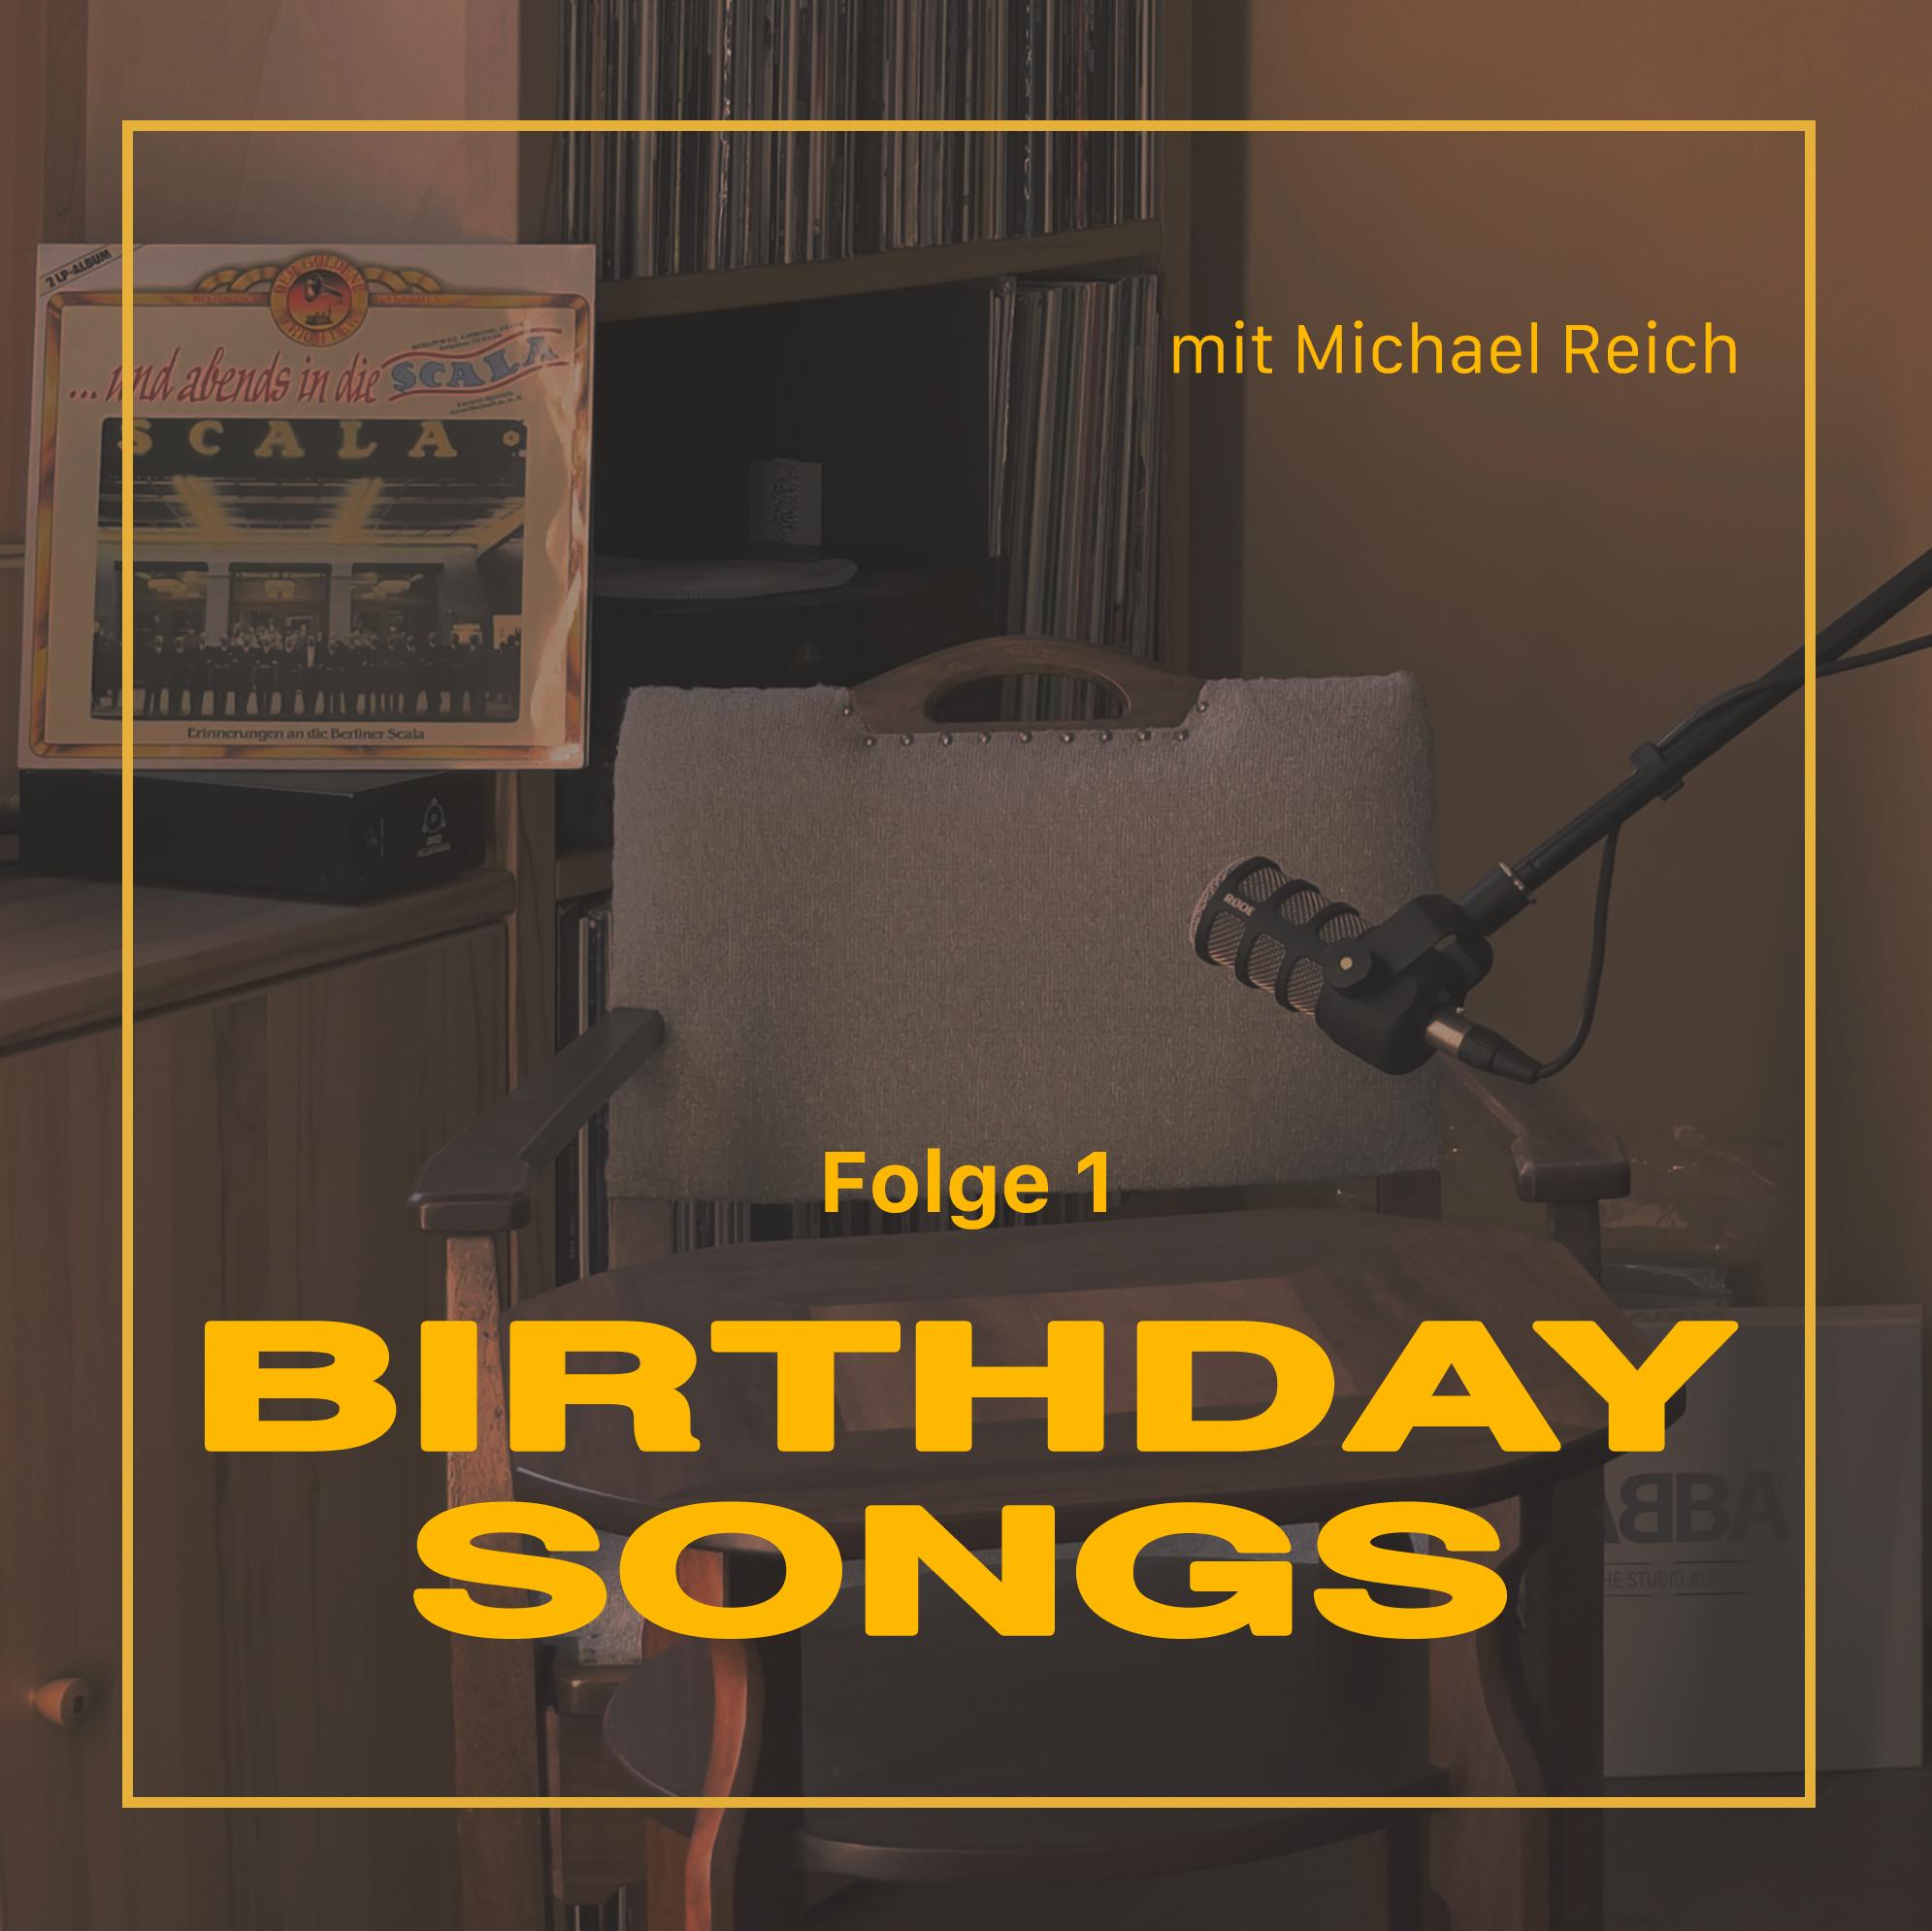 Birthday Songs Folge 1 Kopie